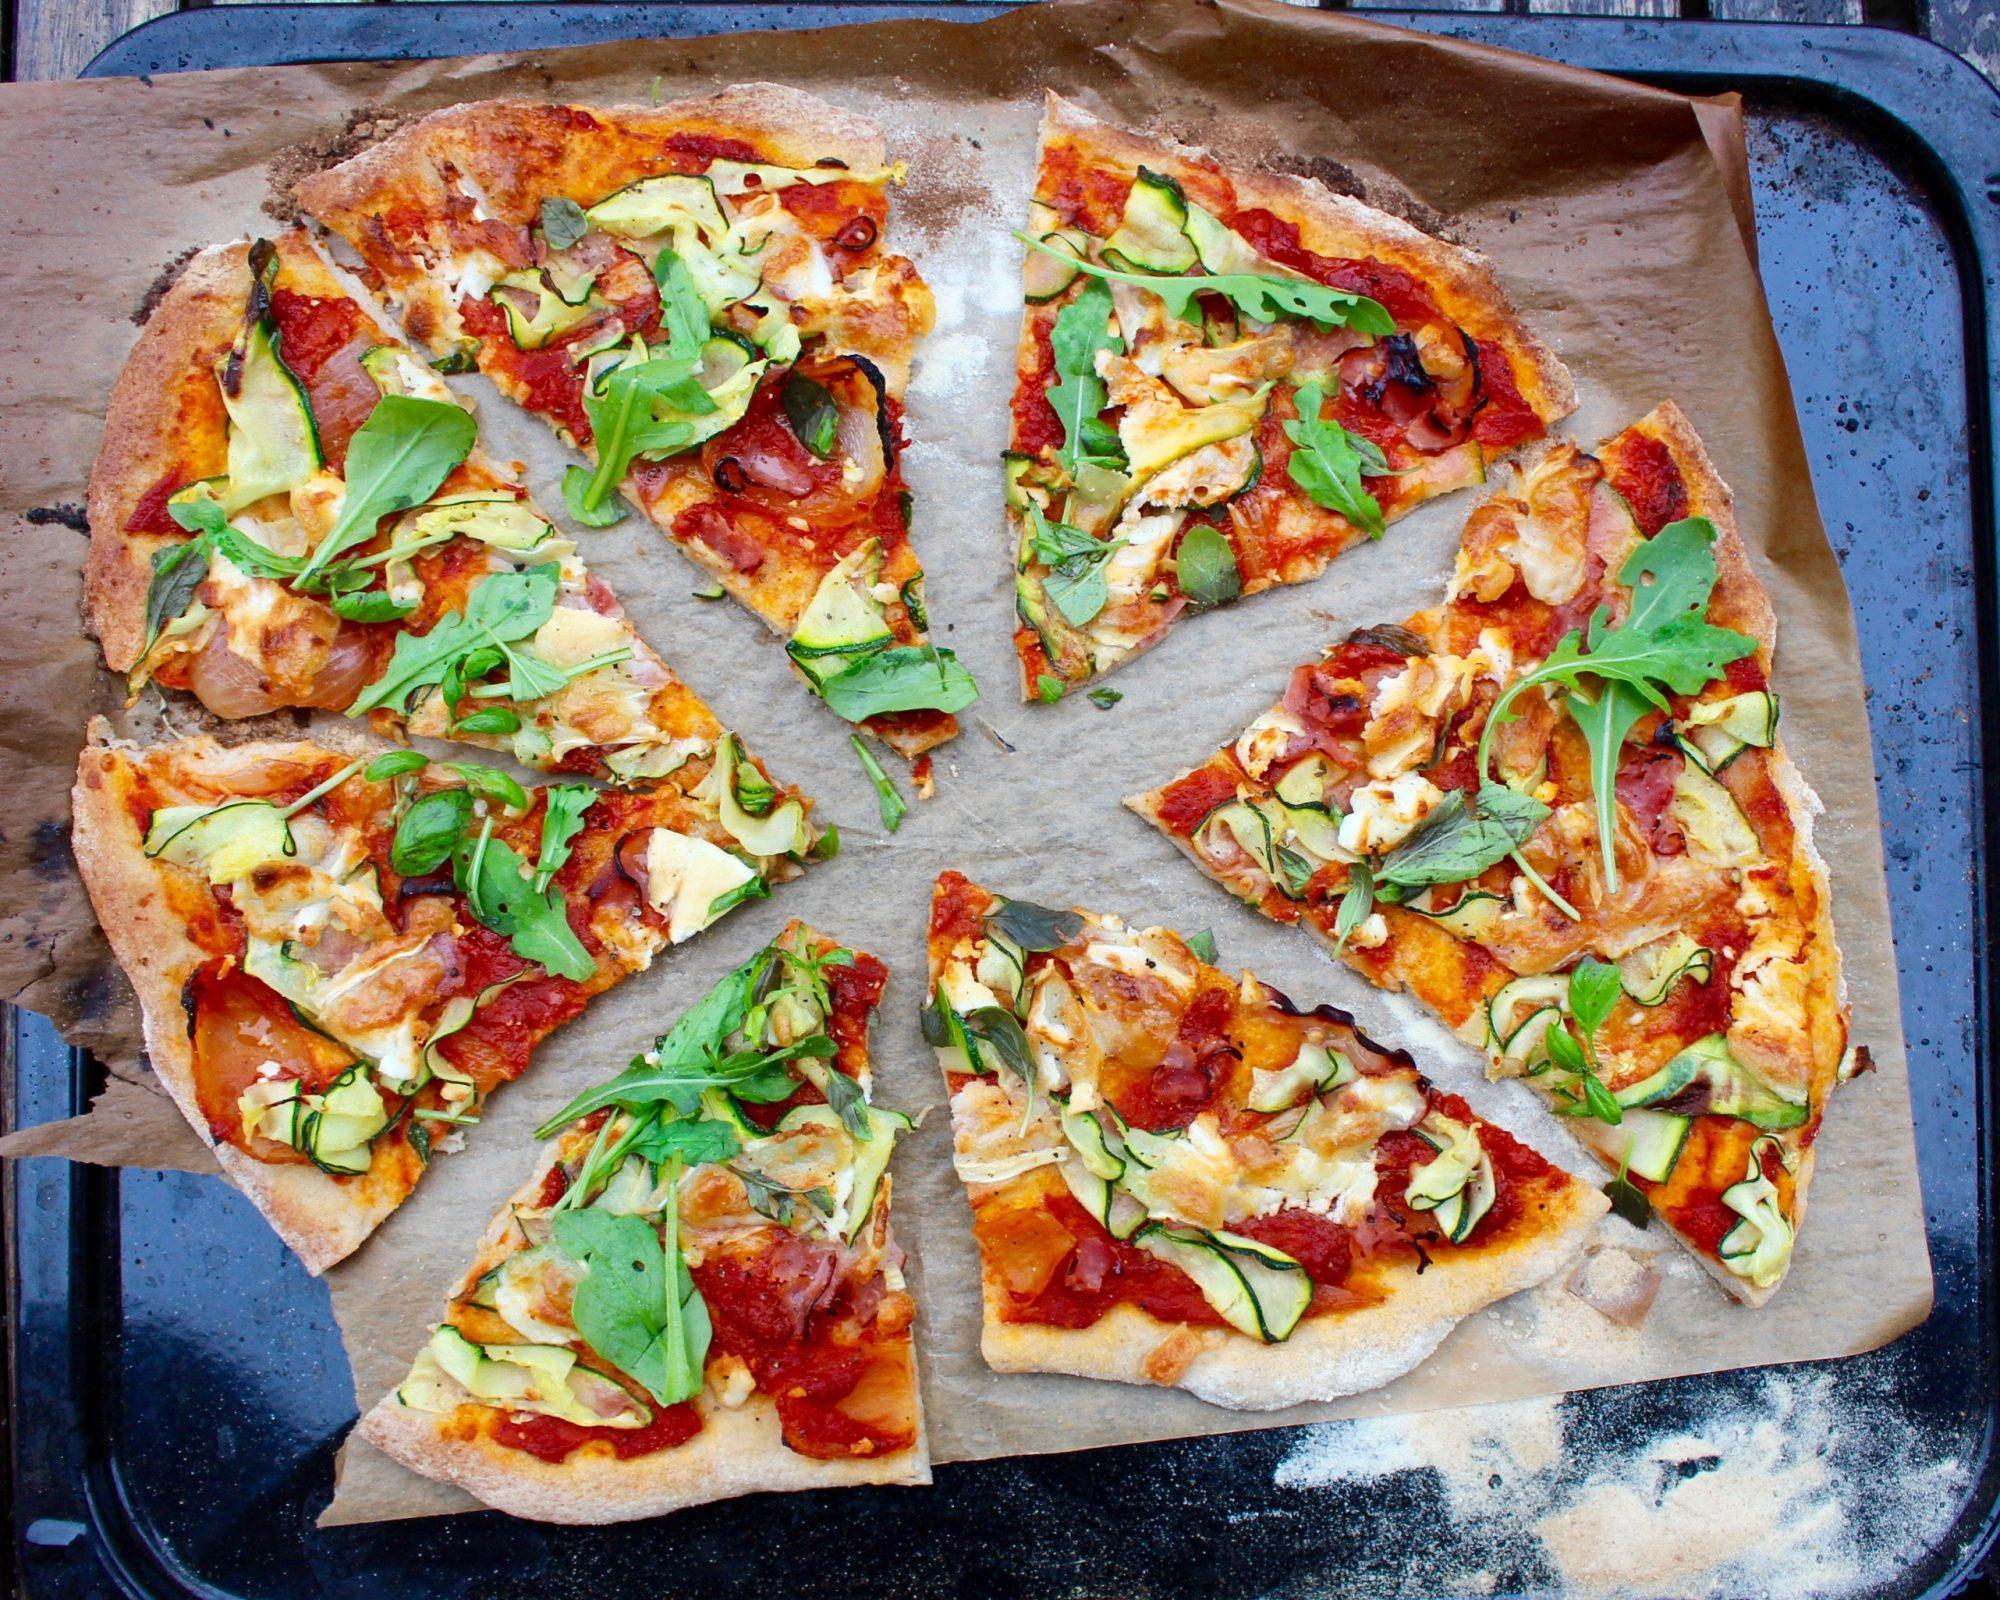 naturligt glutenfri pizzadeg